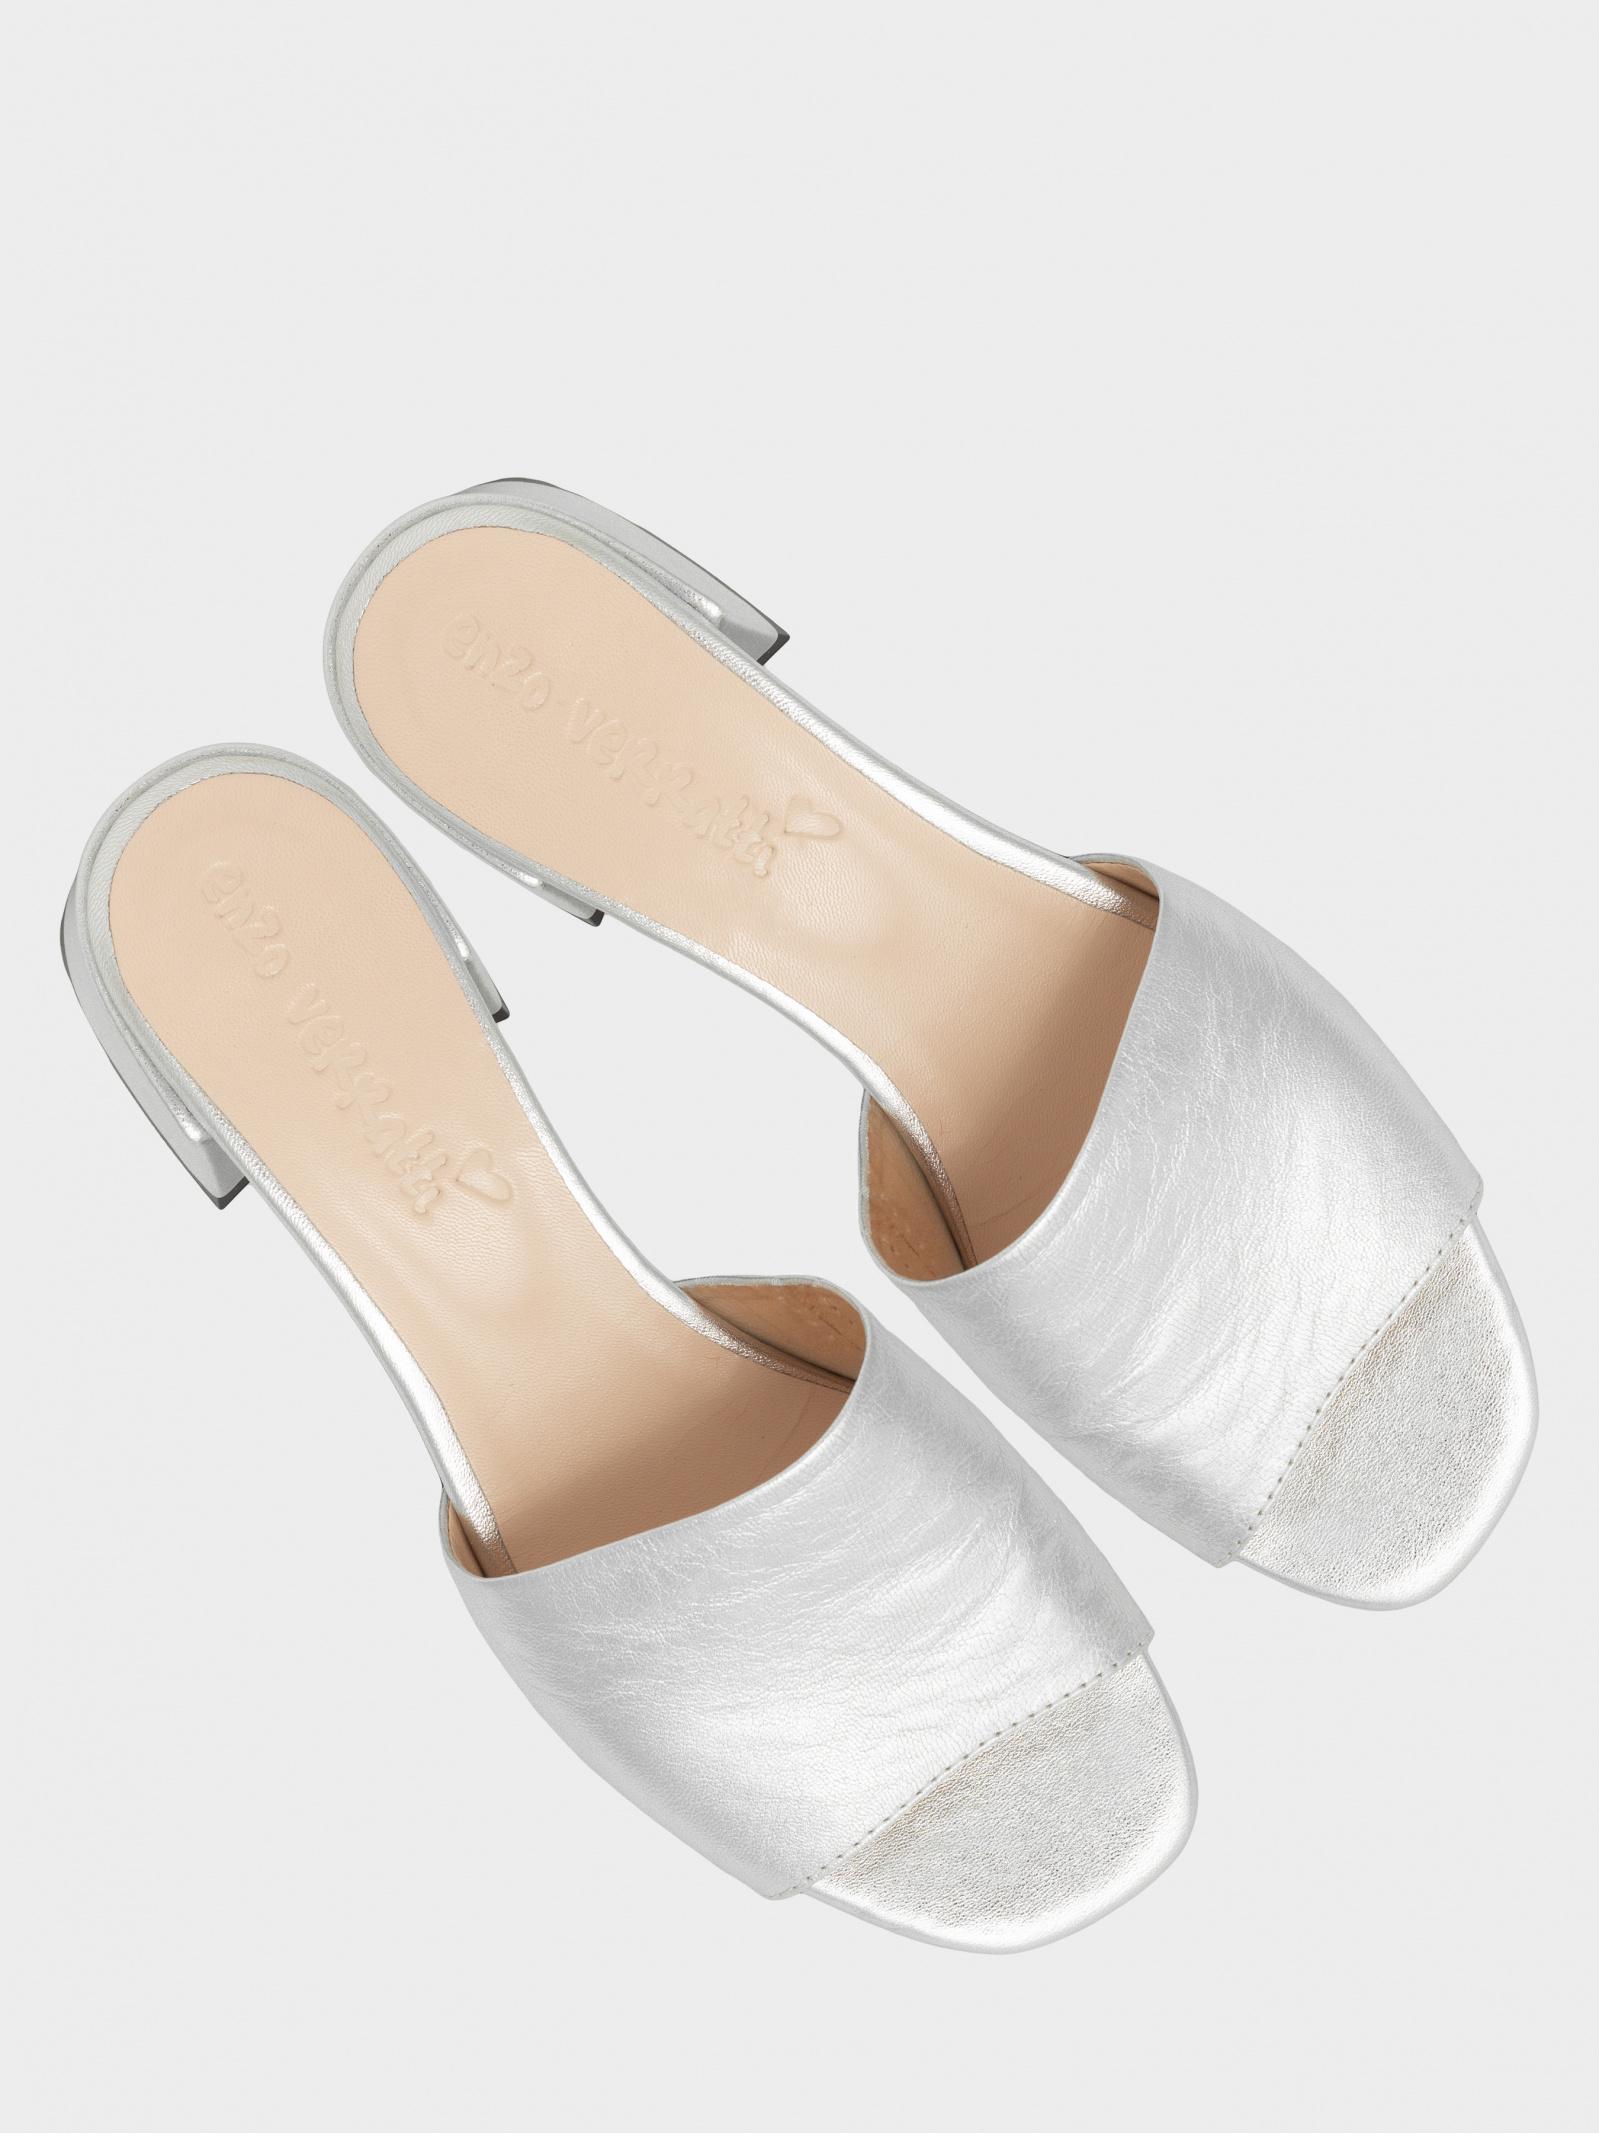 Шльопанці  для жінок Enzo Verratti 18-4-9606-2ar ціна взуття, 2017